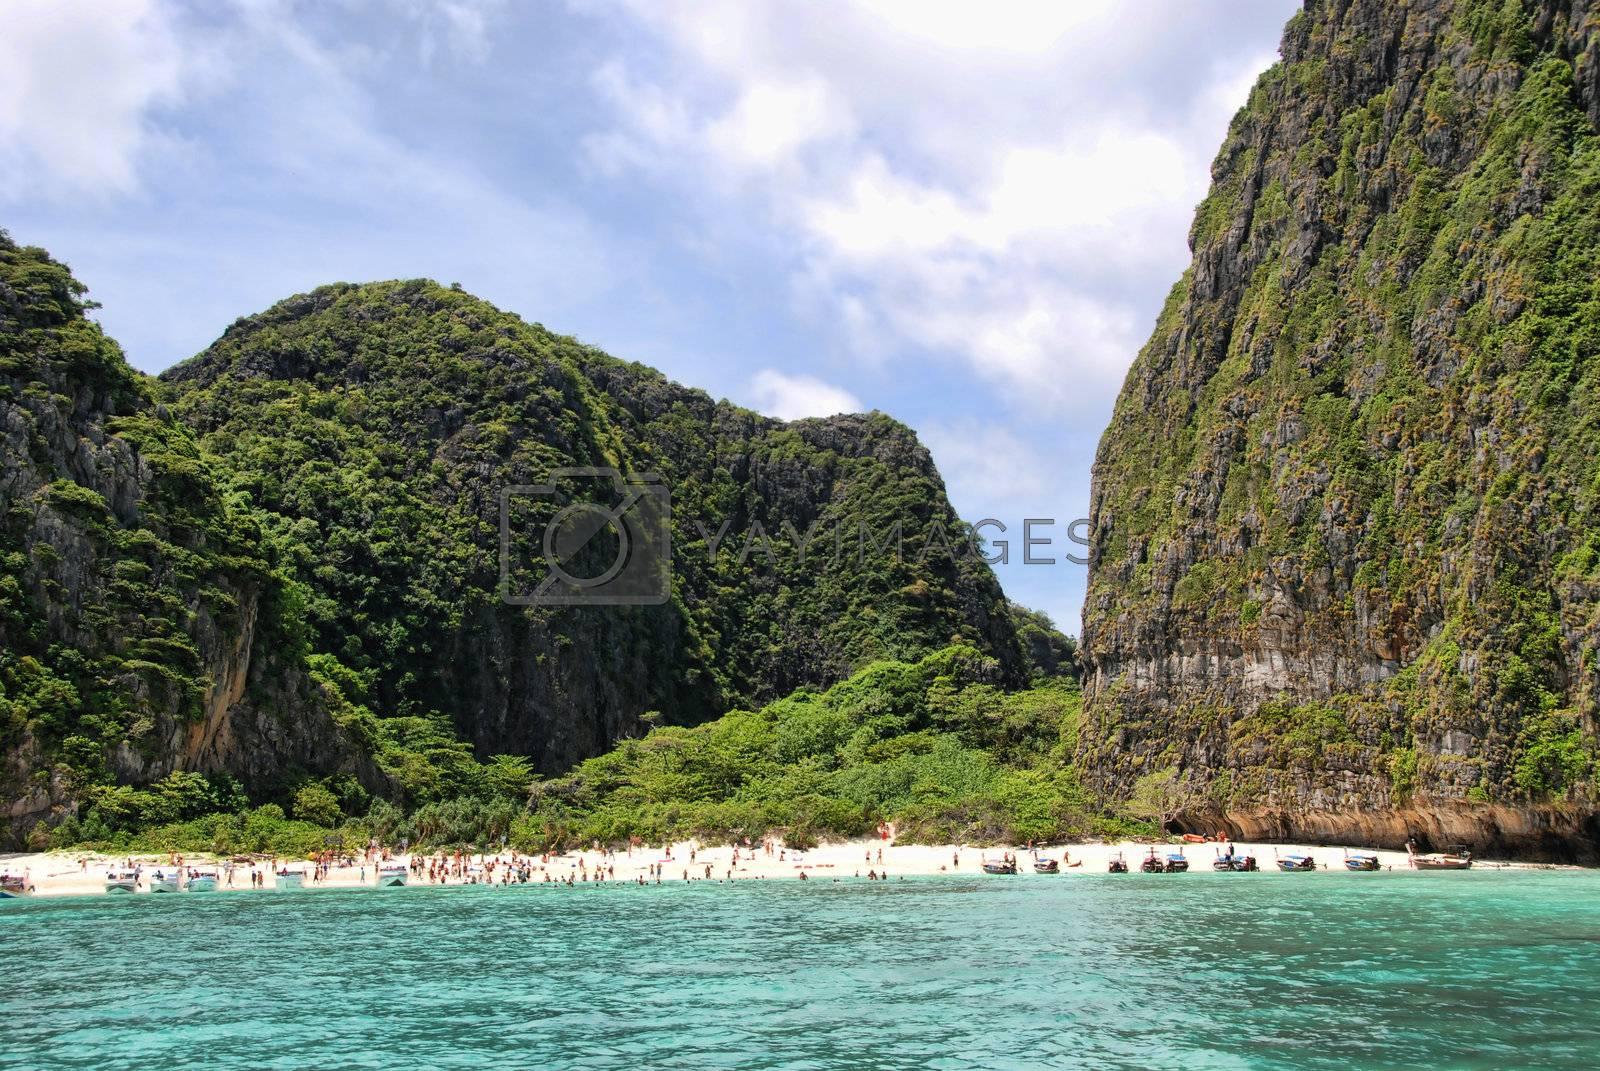 Thailand Island, Summer 2007 by jovannig